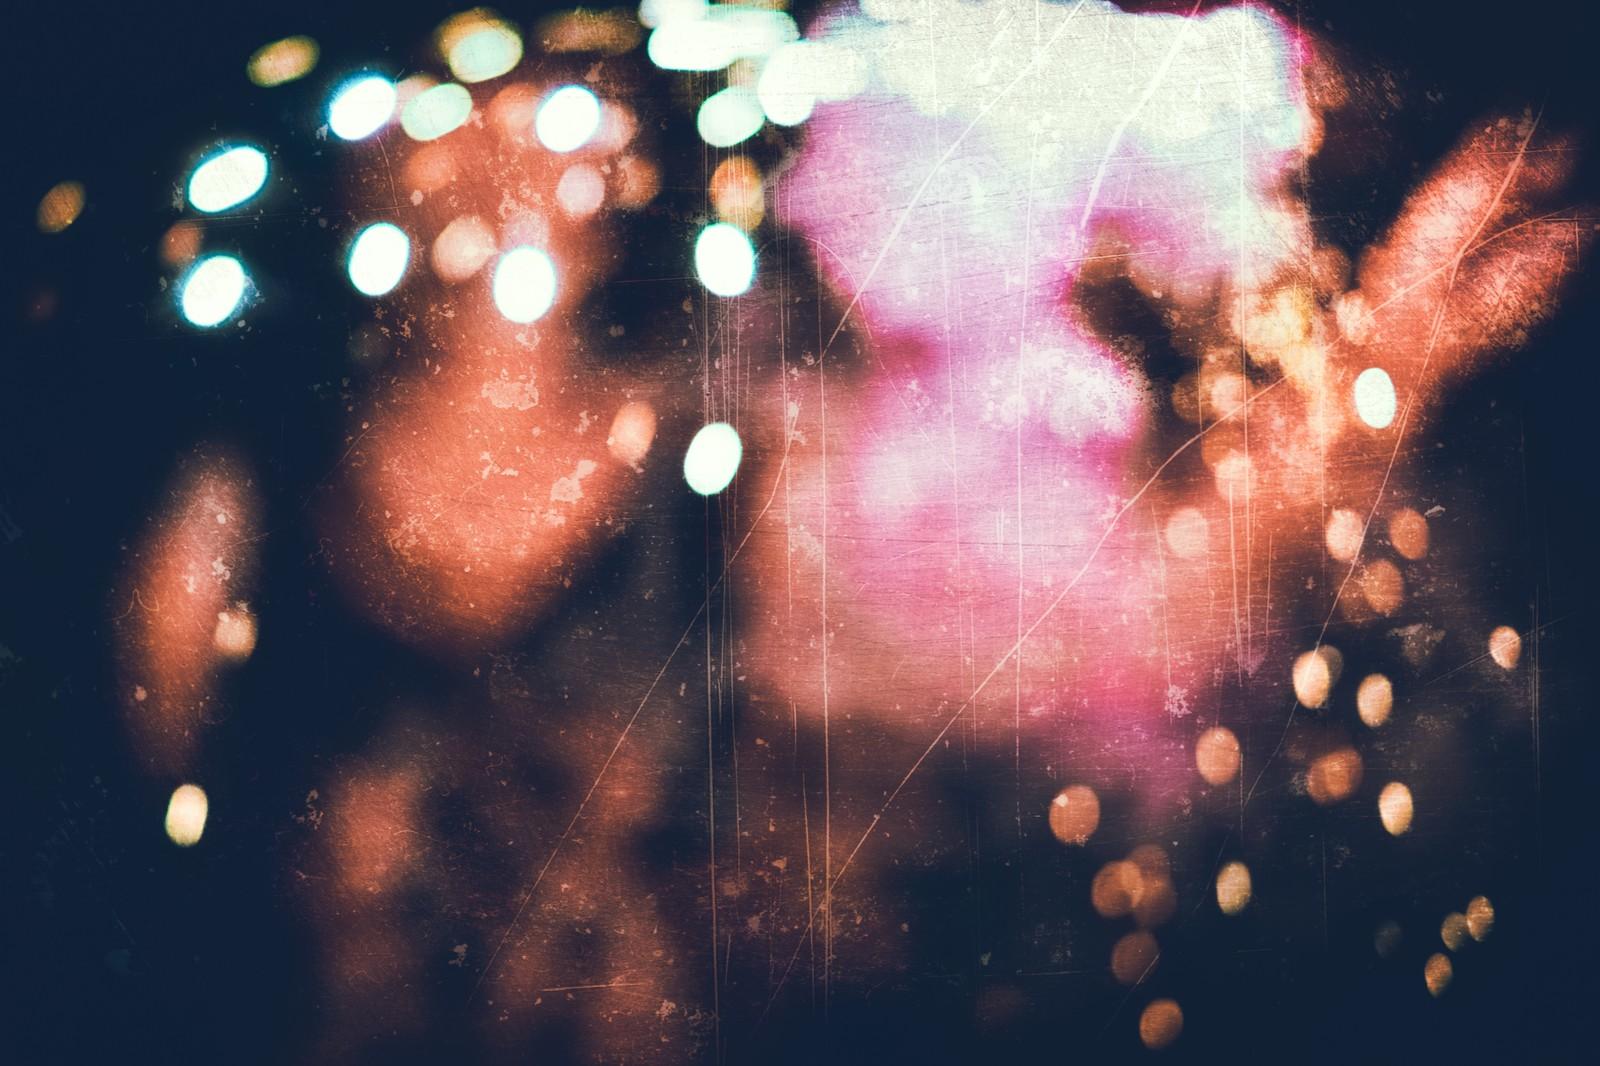 の 意味 歌詞 パプリカ 「パプリカの花言葉=君を忘れない」歌詞の意味がノスタルジックすぎる。米津玄師はなぜ「あなた」を応援し想いを馳せるのか。